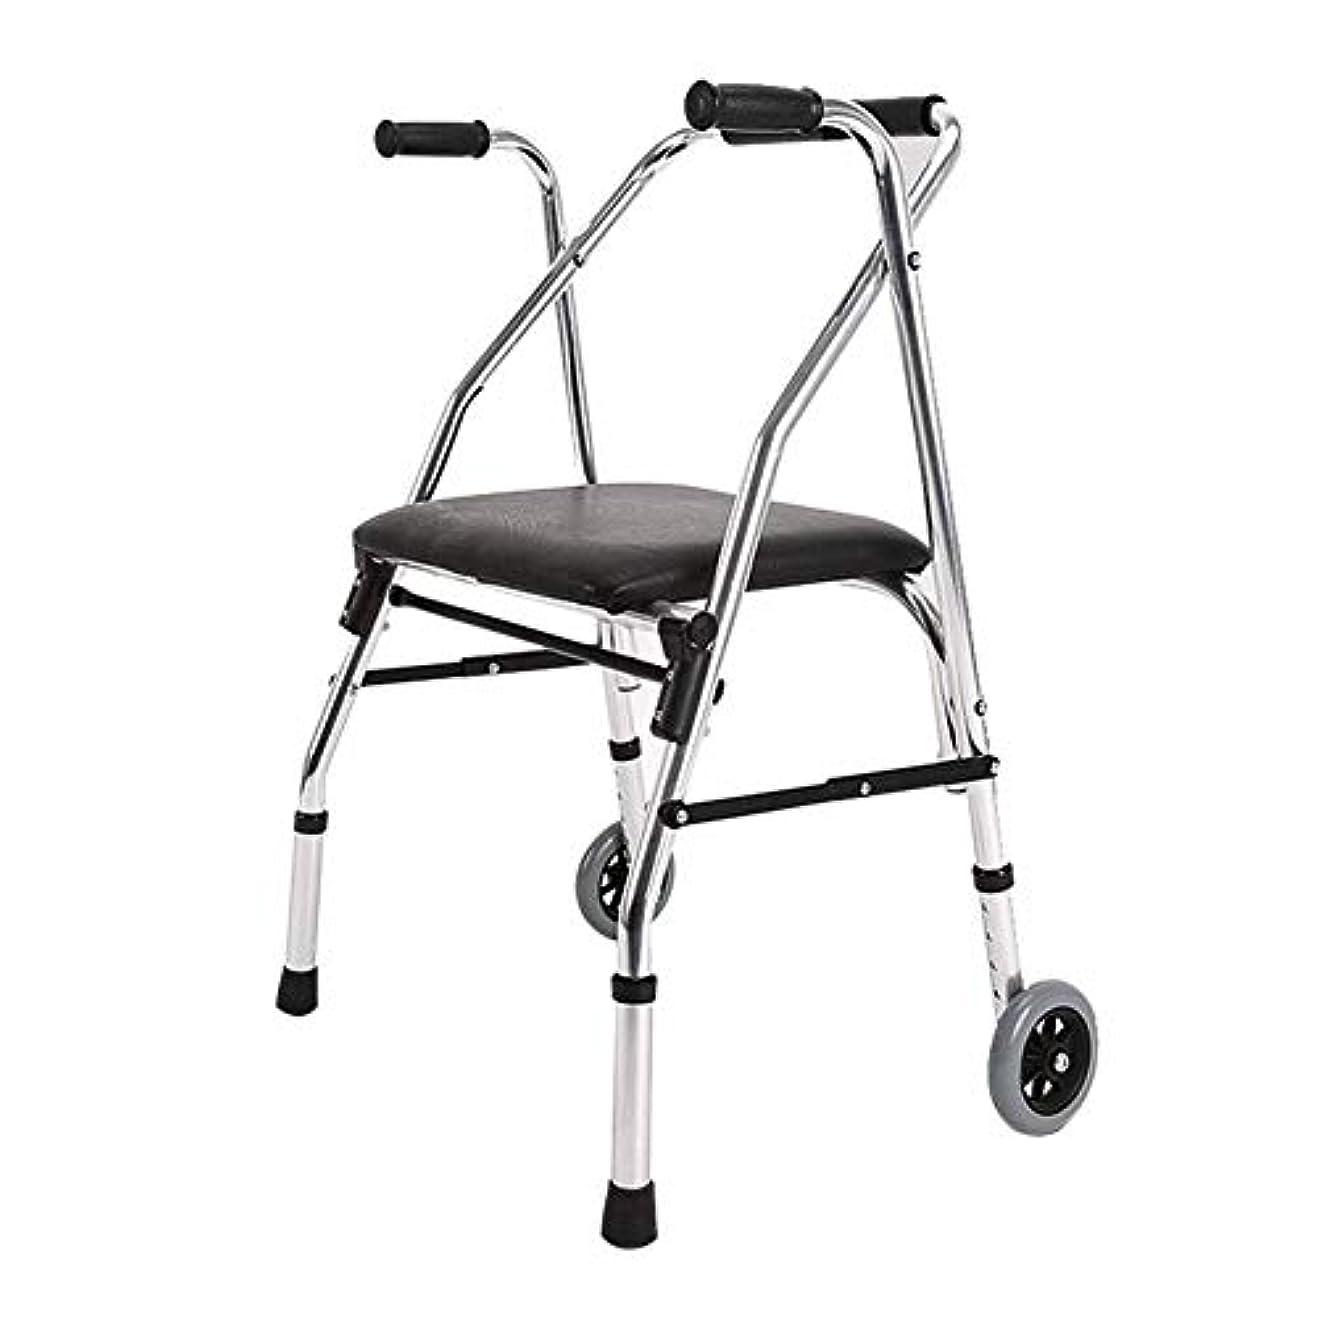 文句を言うエンジン肺炎軽量ウォーカー、パッド入りシートとバッグコンパクト折りたたみデザイン高齢者ウォーカー付きアルミニウムローラー